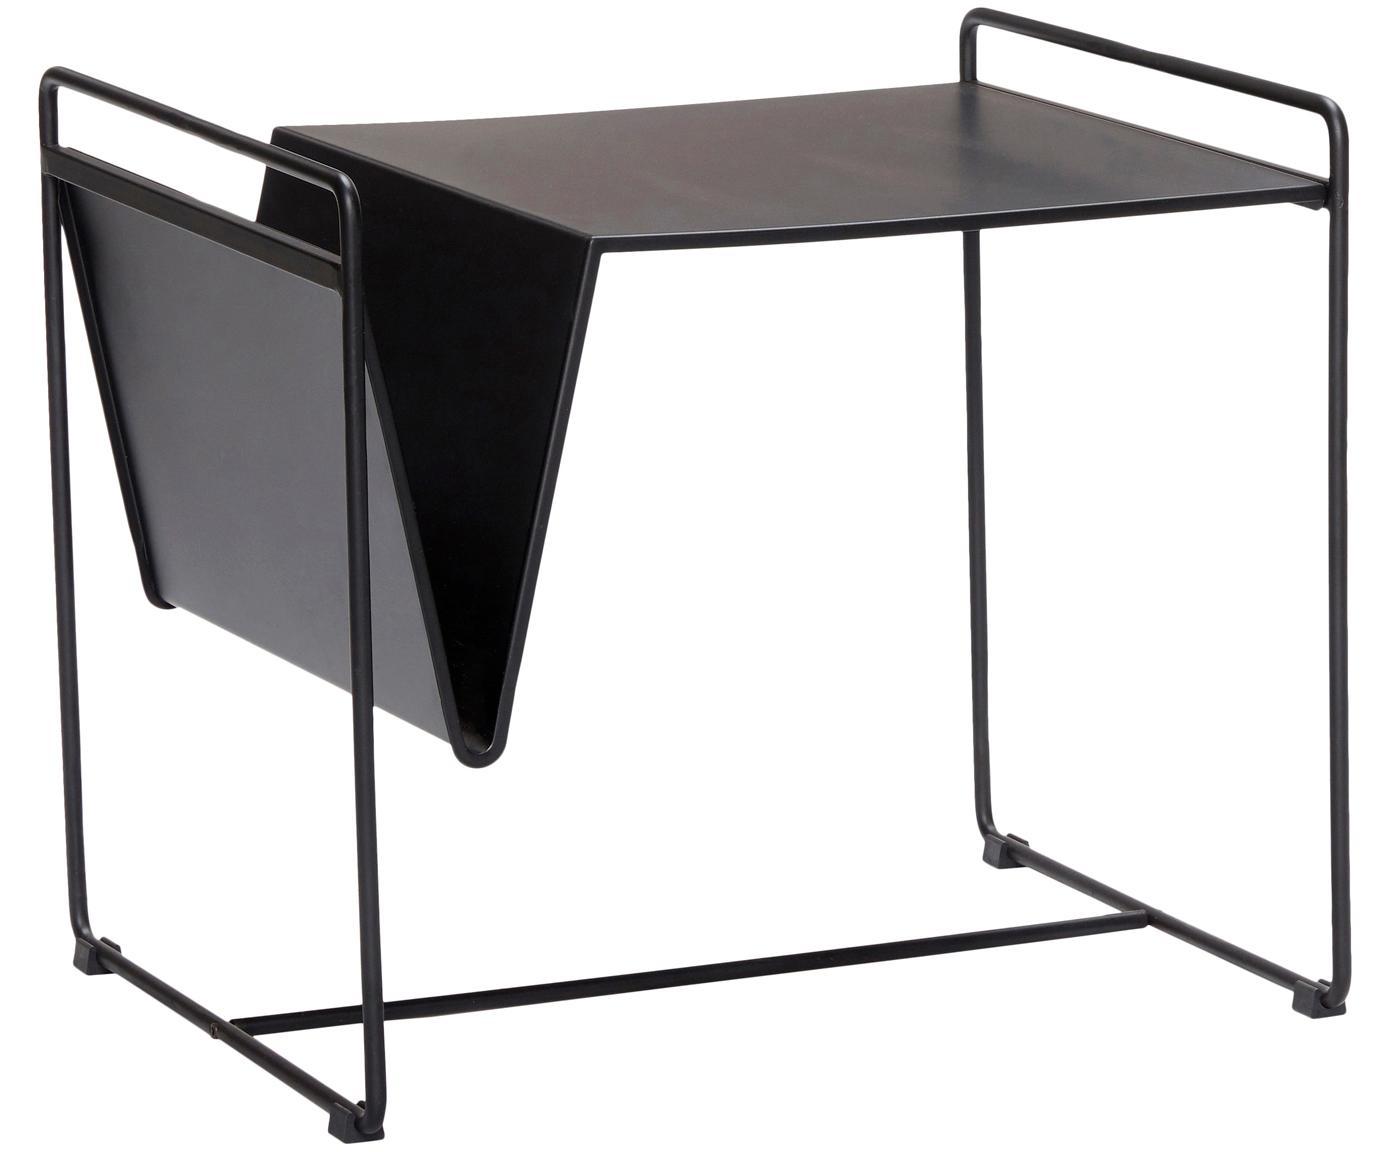 Tavolino con portariviste Nolla, Metallo verniciato, Nero, Larg. 54 x Alt. 47 cm